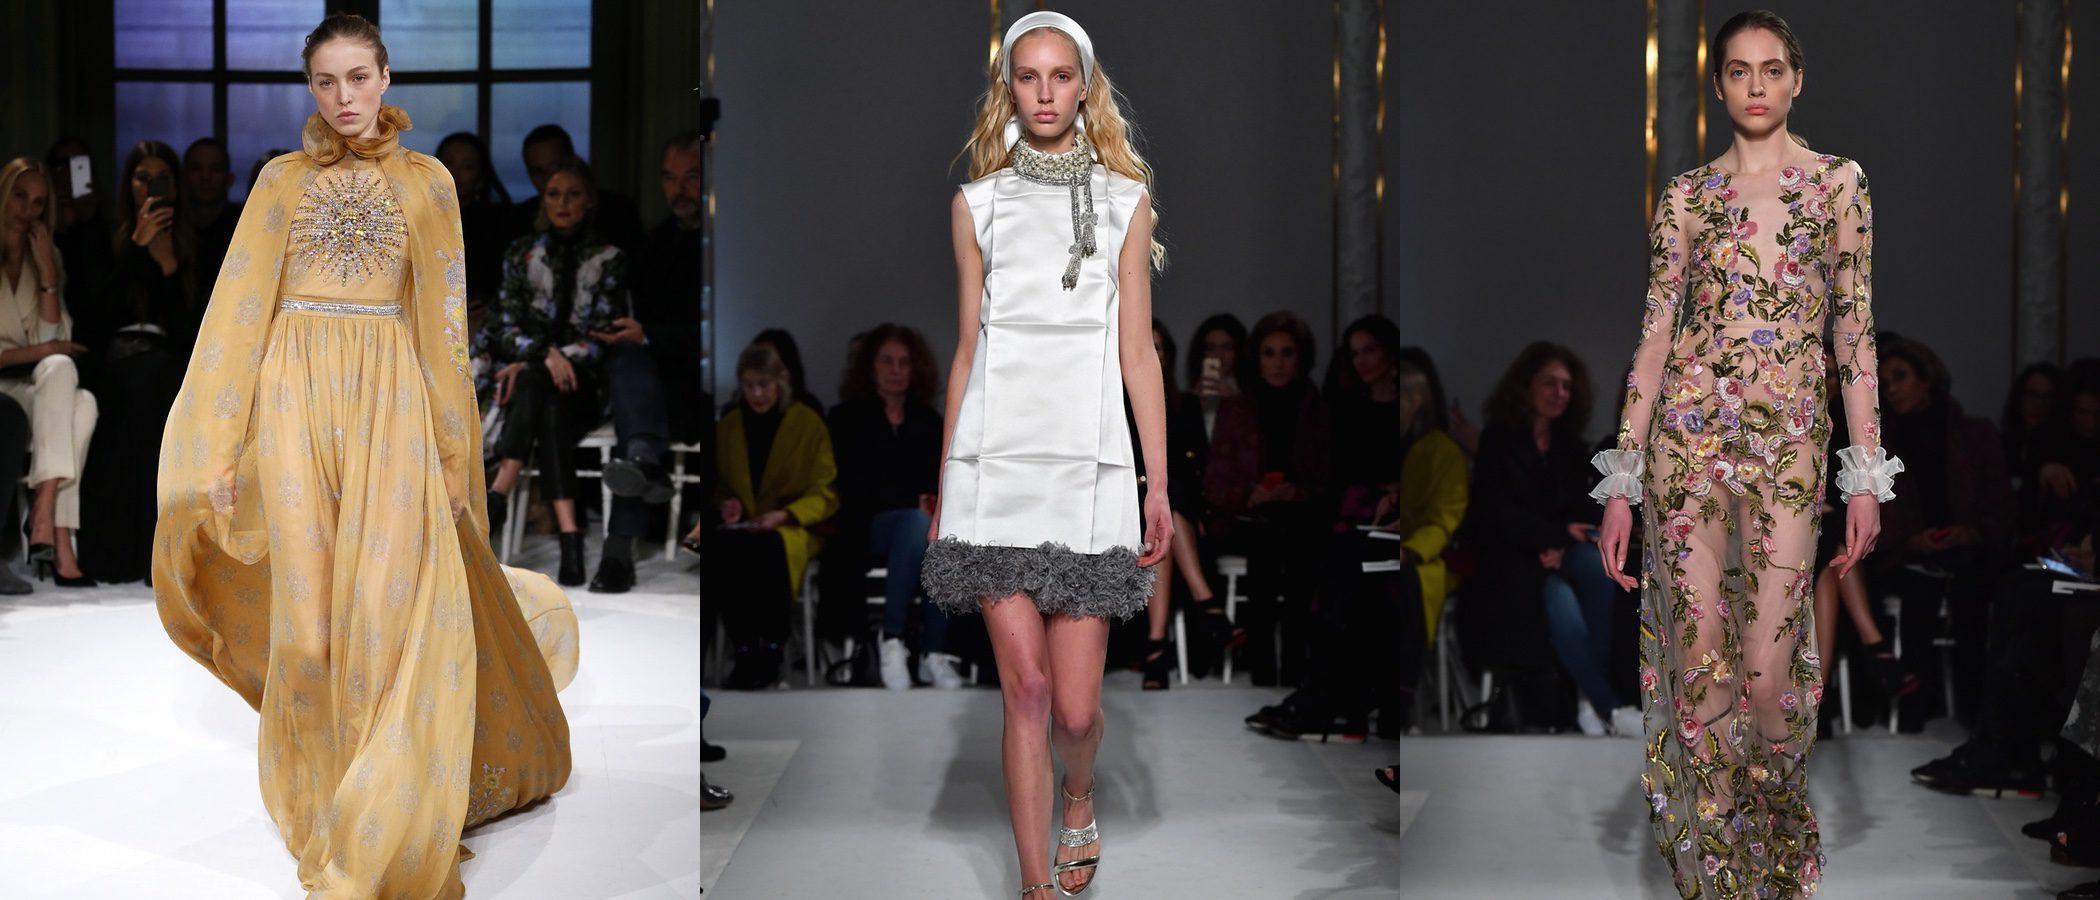 Giambattista Valli propone una primavera/verano 2017 vintage en la Semana de la Alta Costura de París